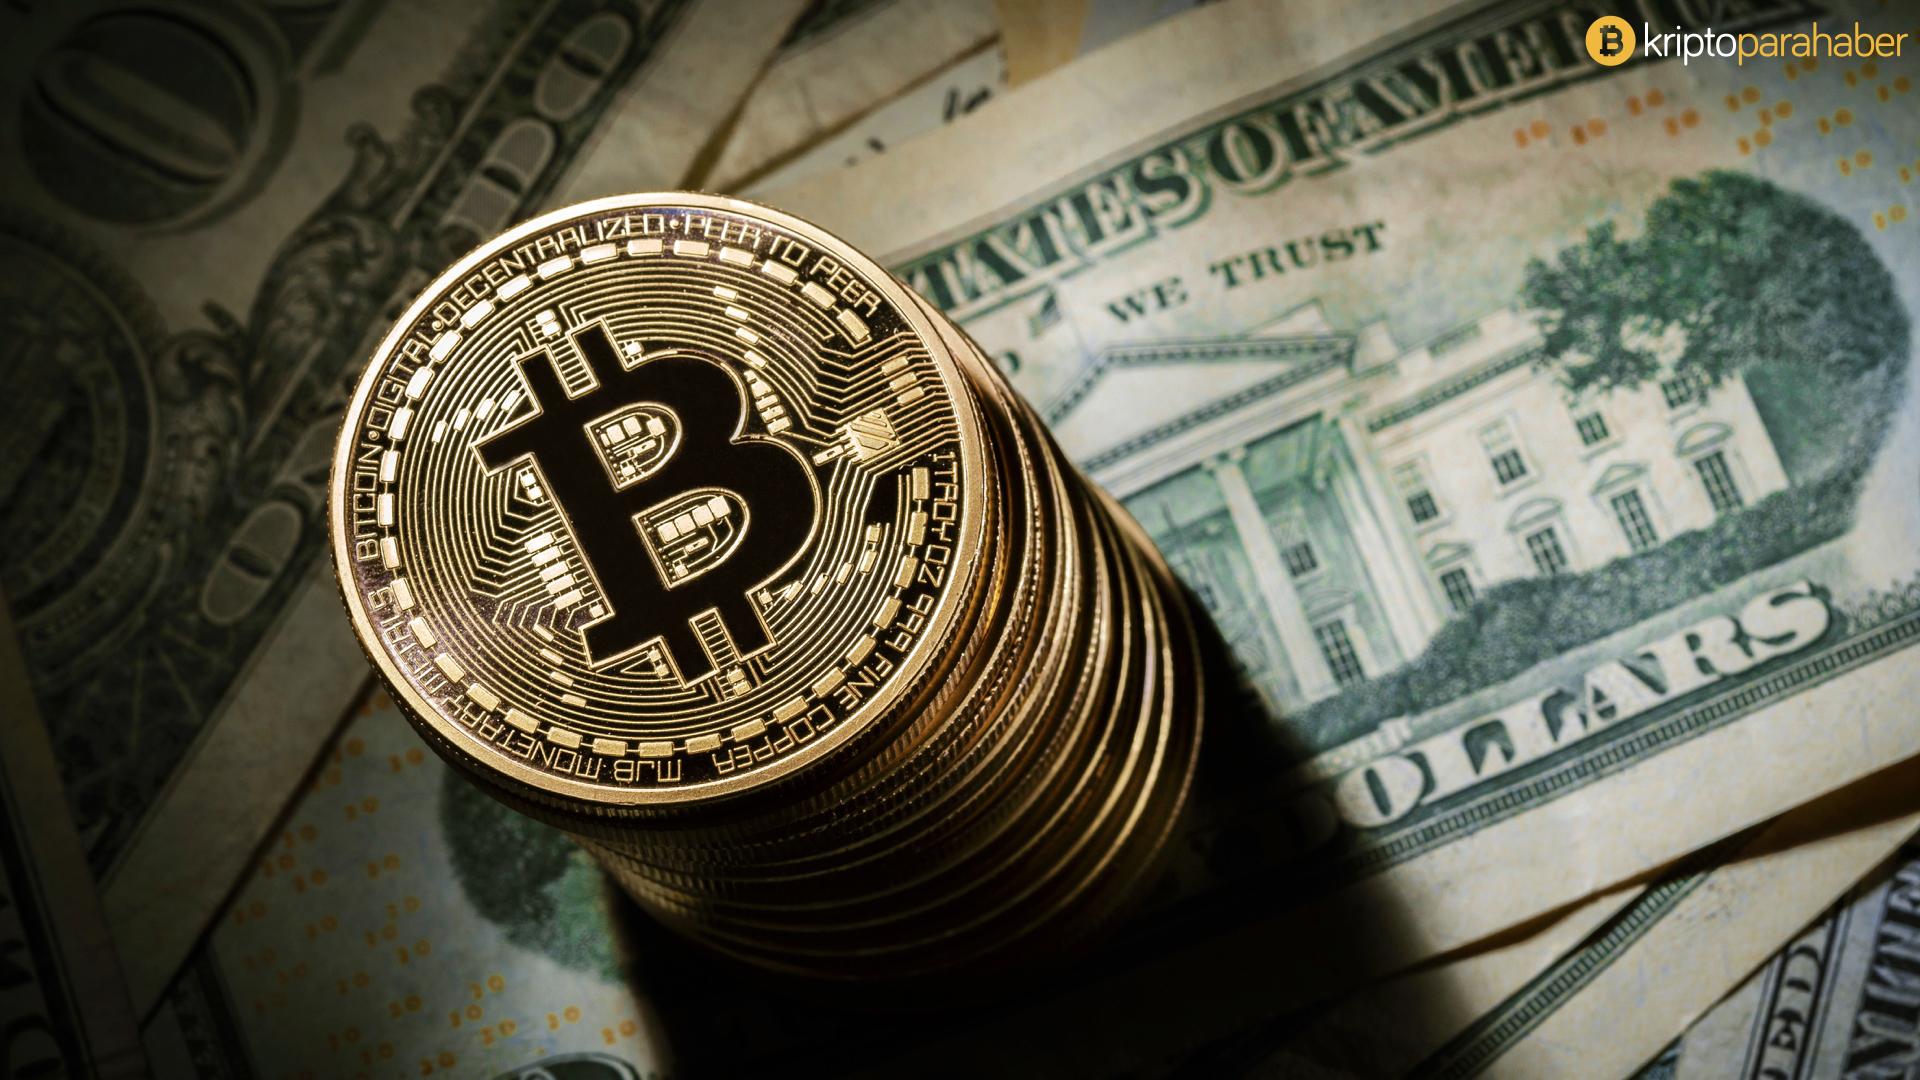 10 Mart Bitcoin analizi: 5 ayın en kötü performansından sonra BTC ne yapacak?